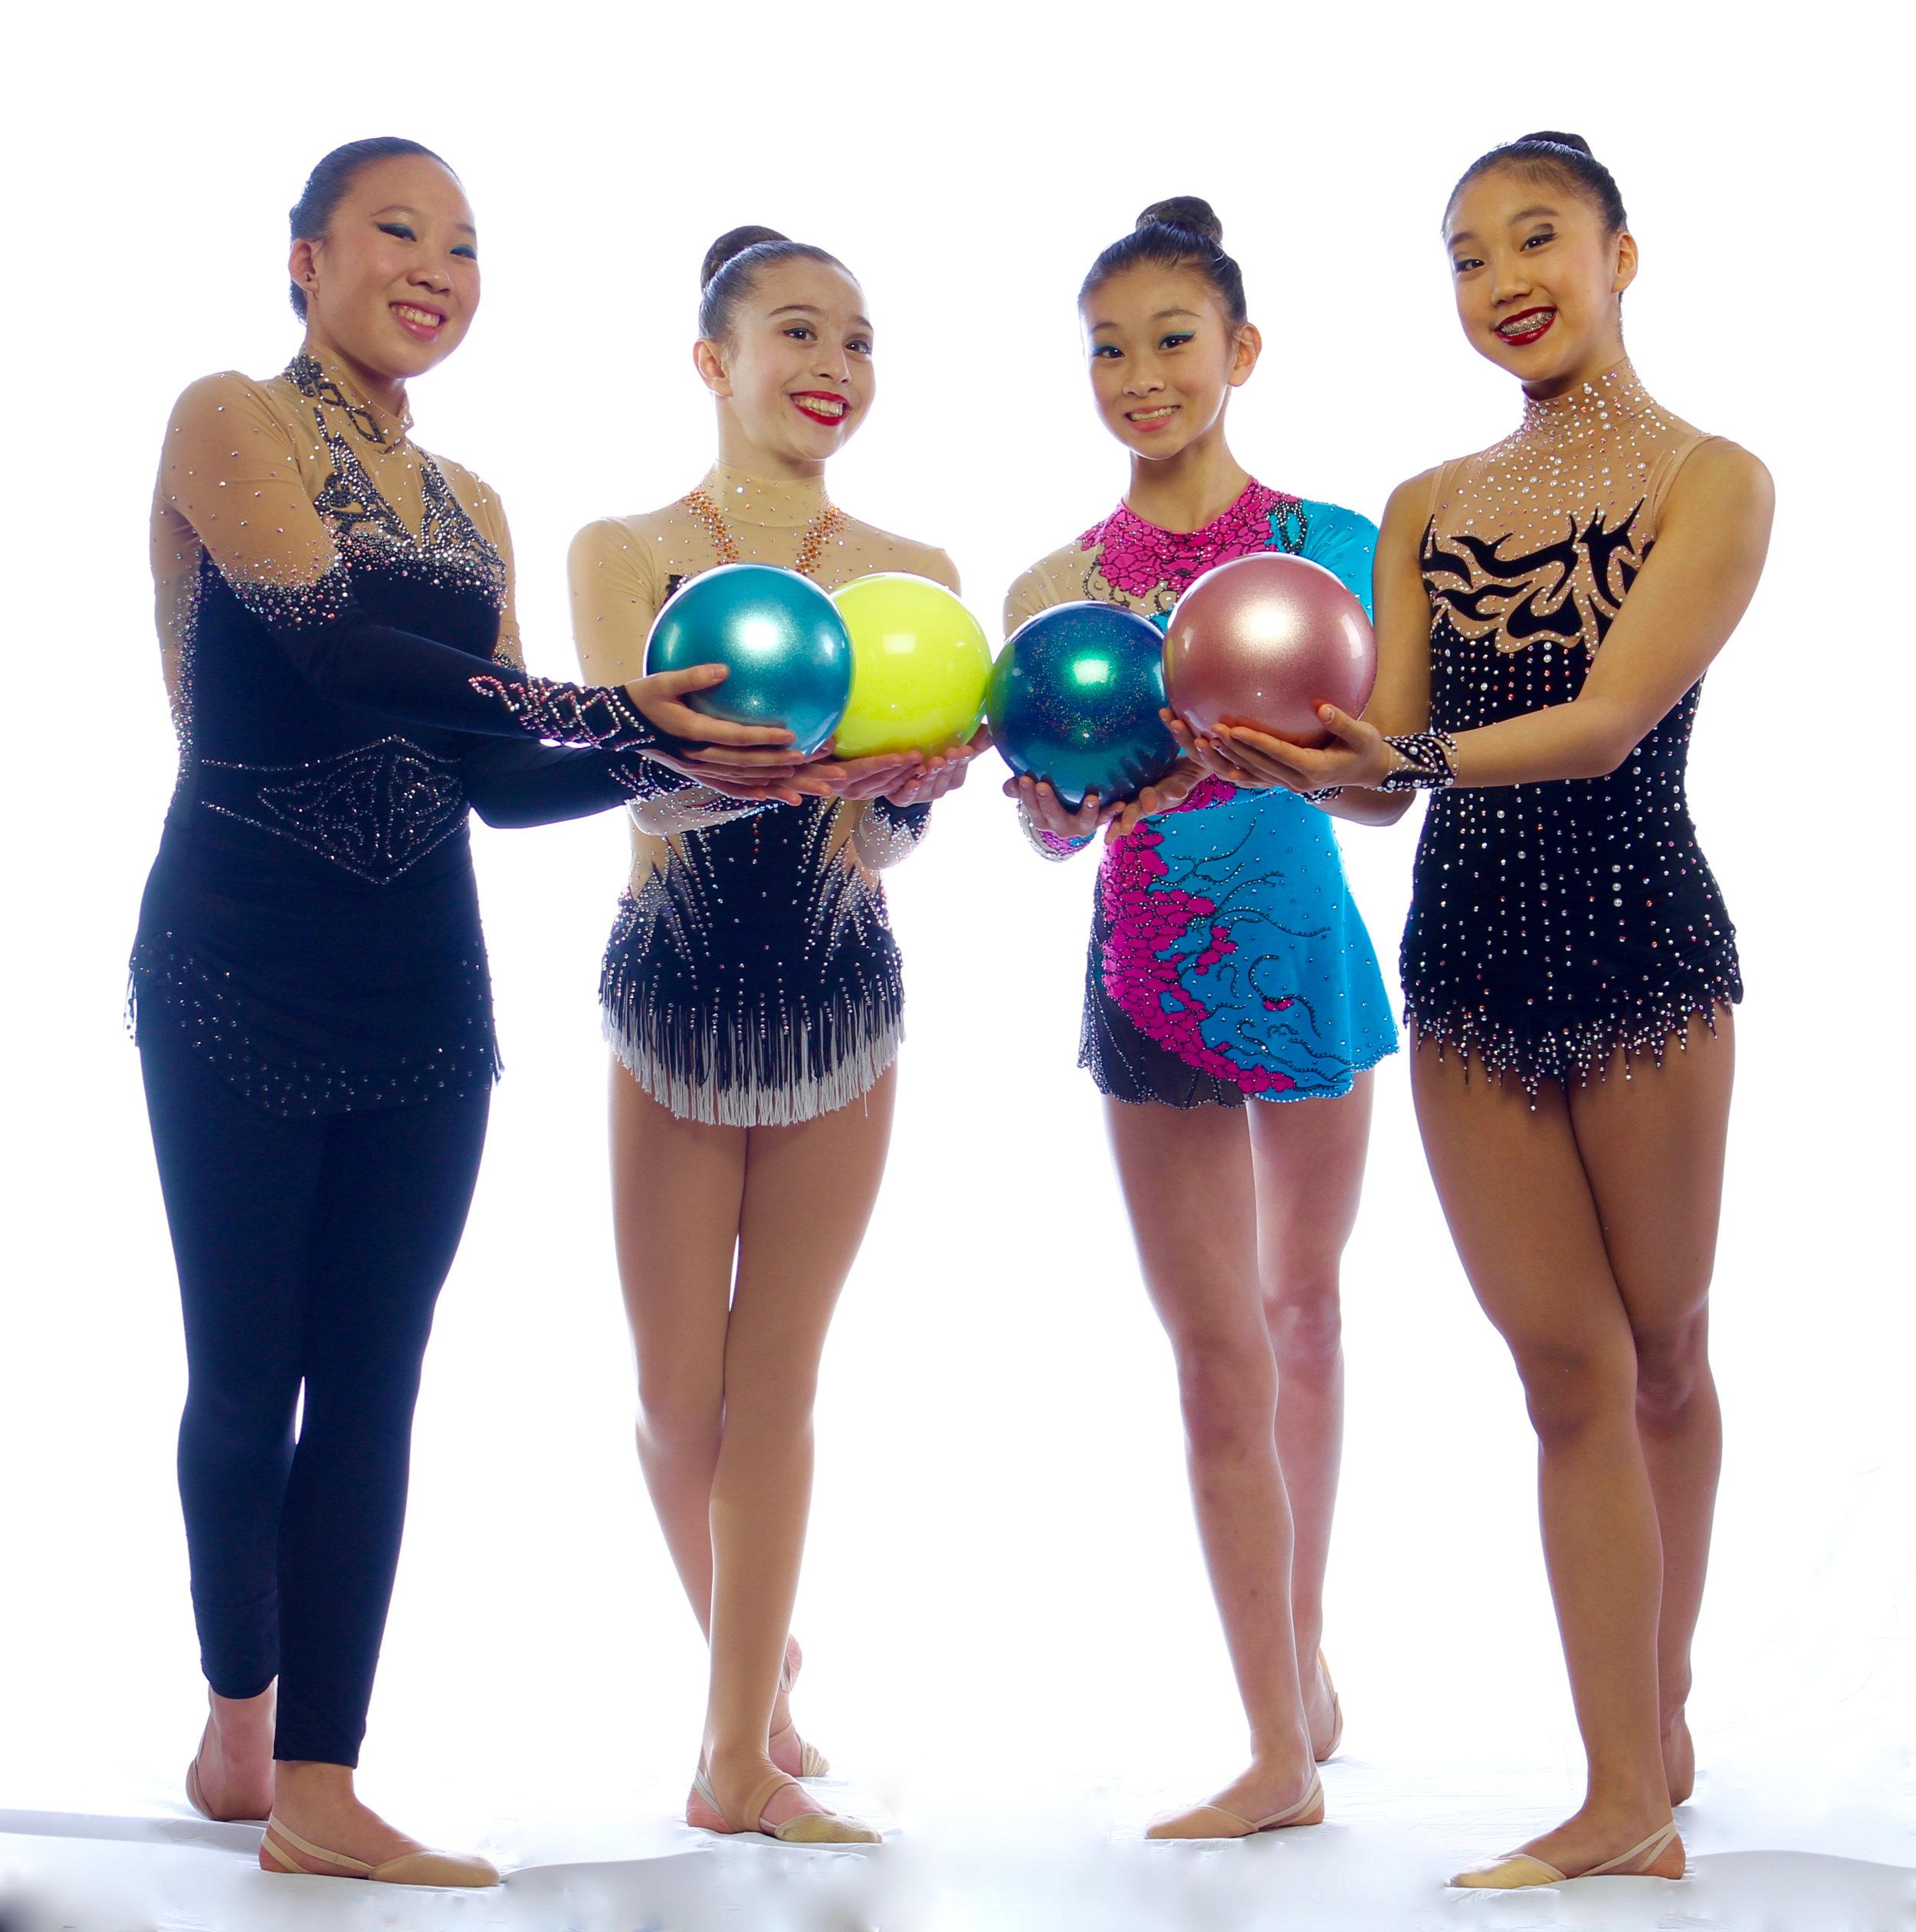 group - 1 (1).jpg